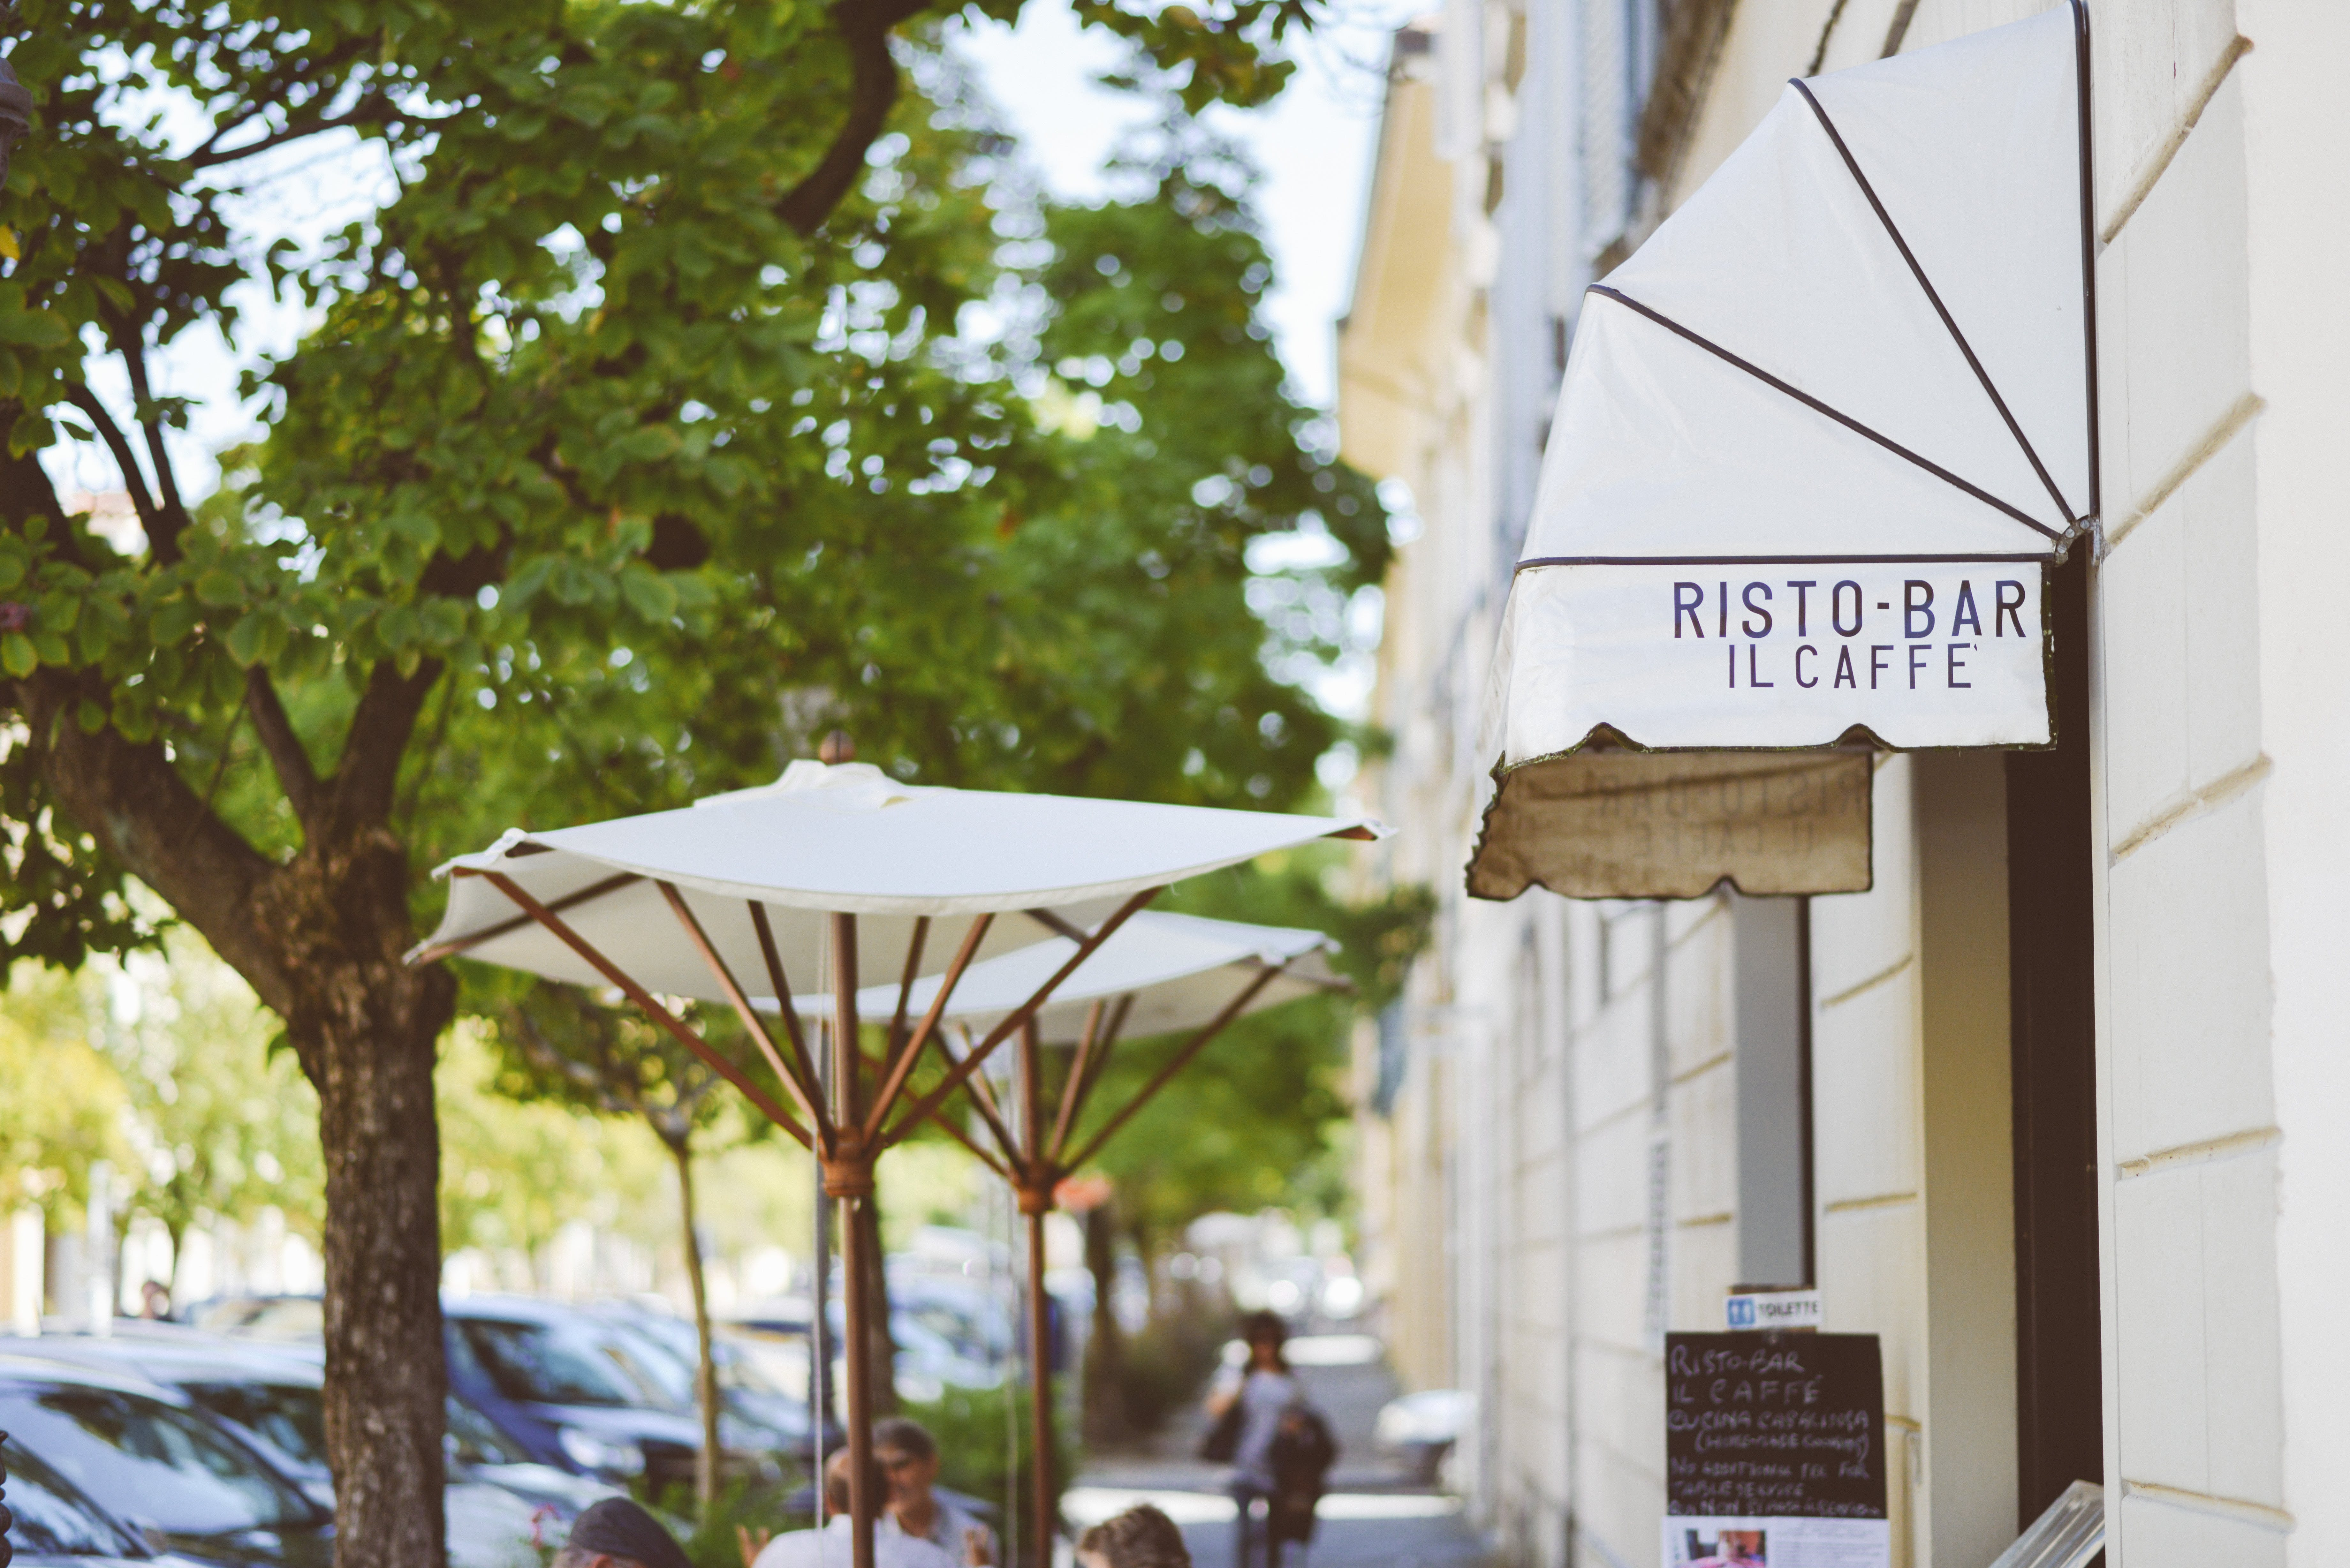 White Ristro Bar Il Caffe Building